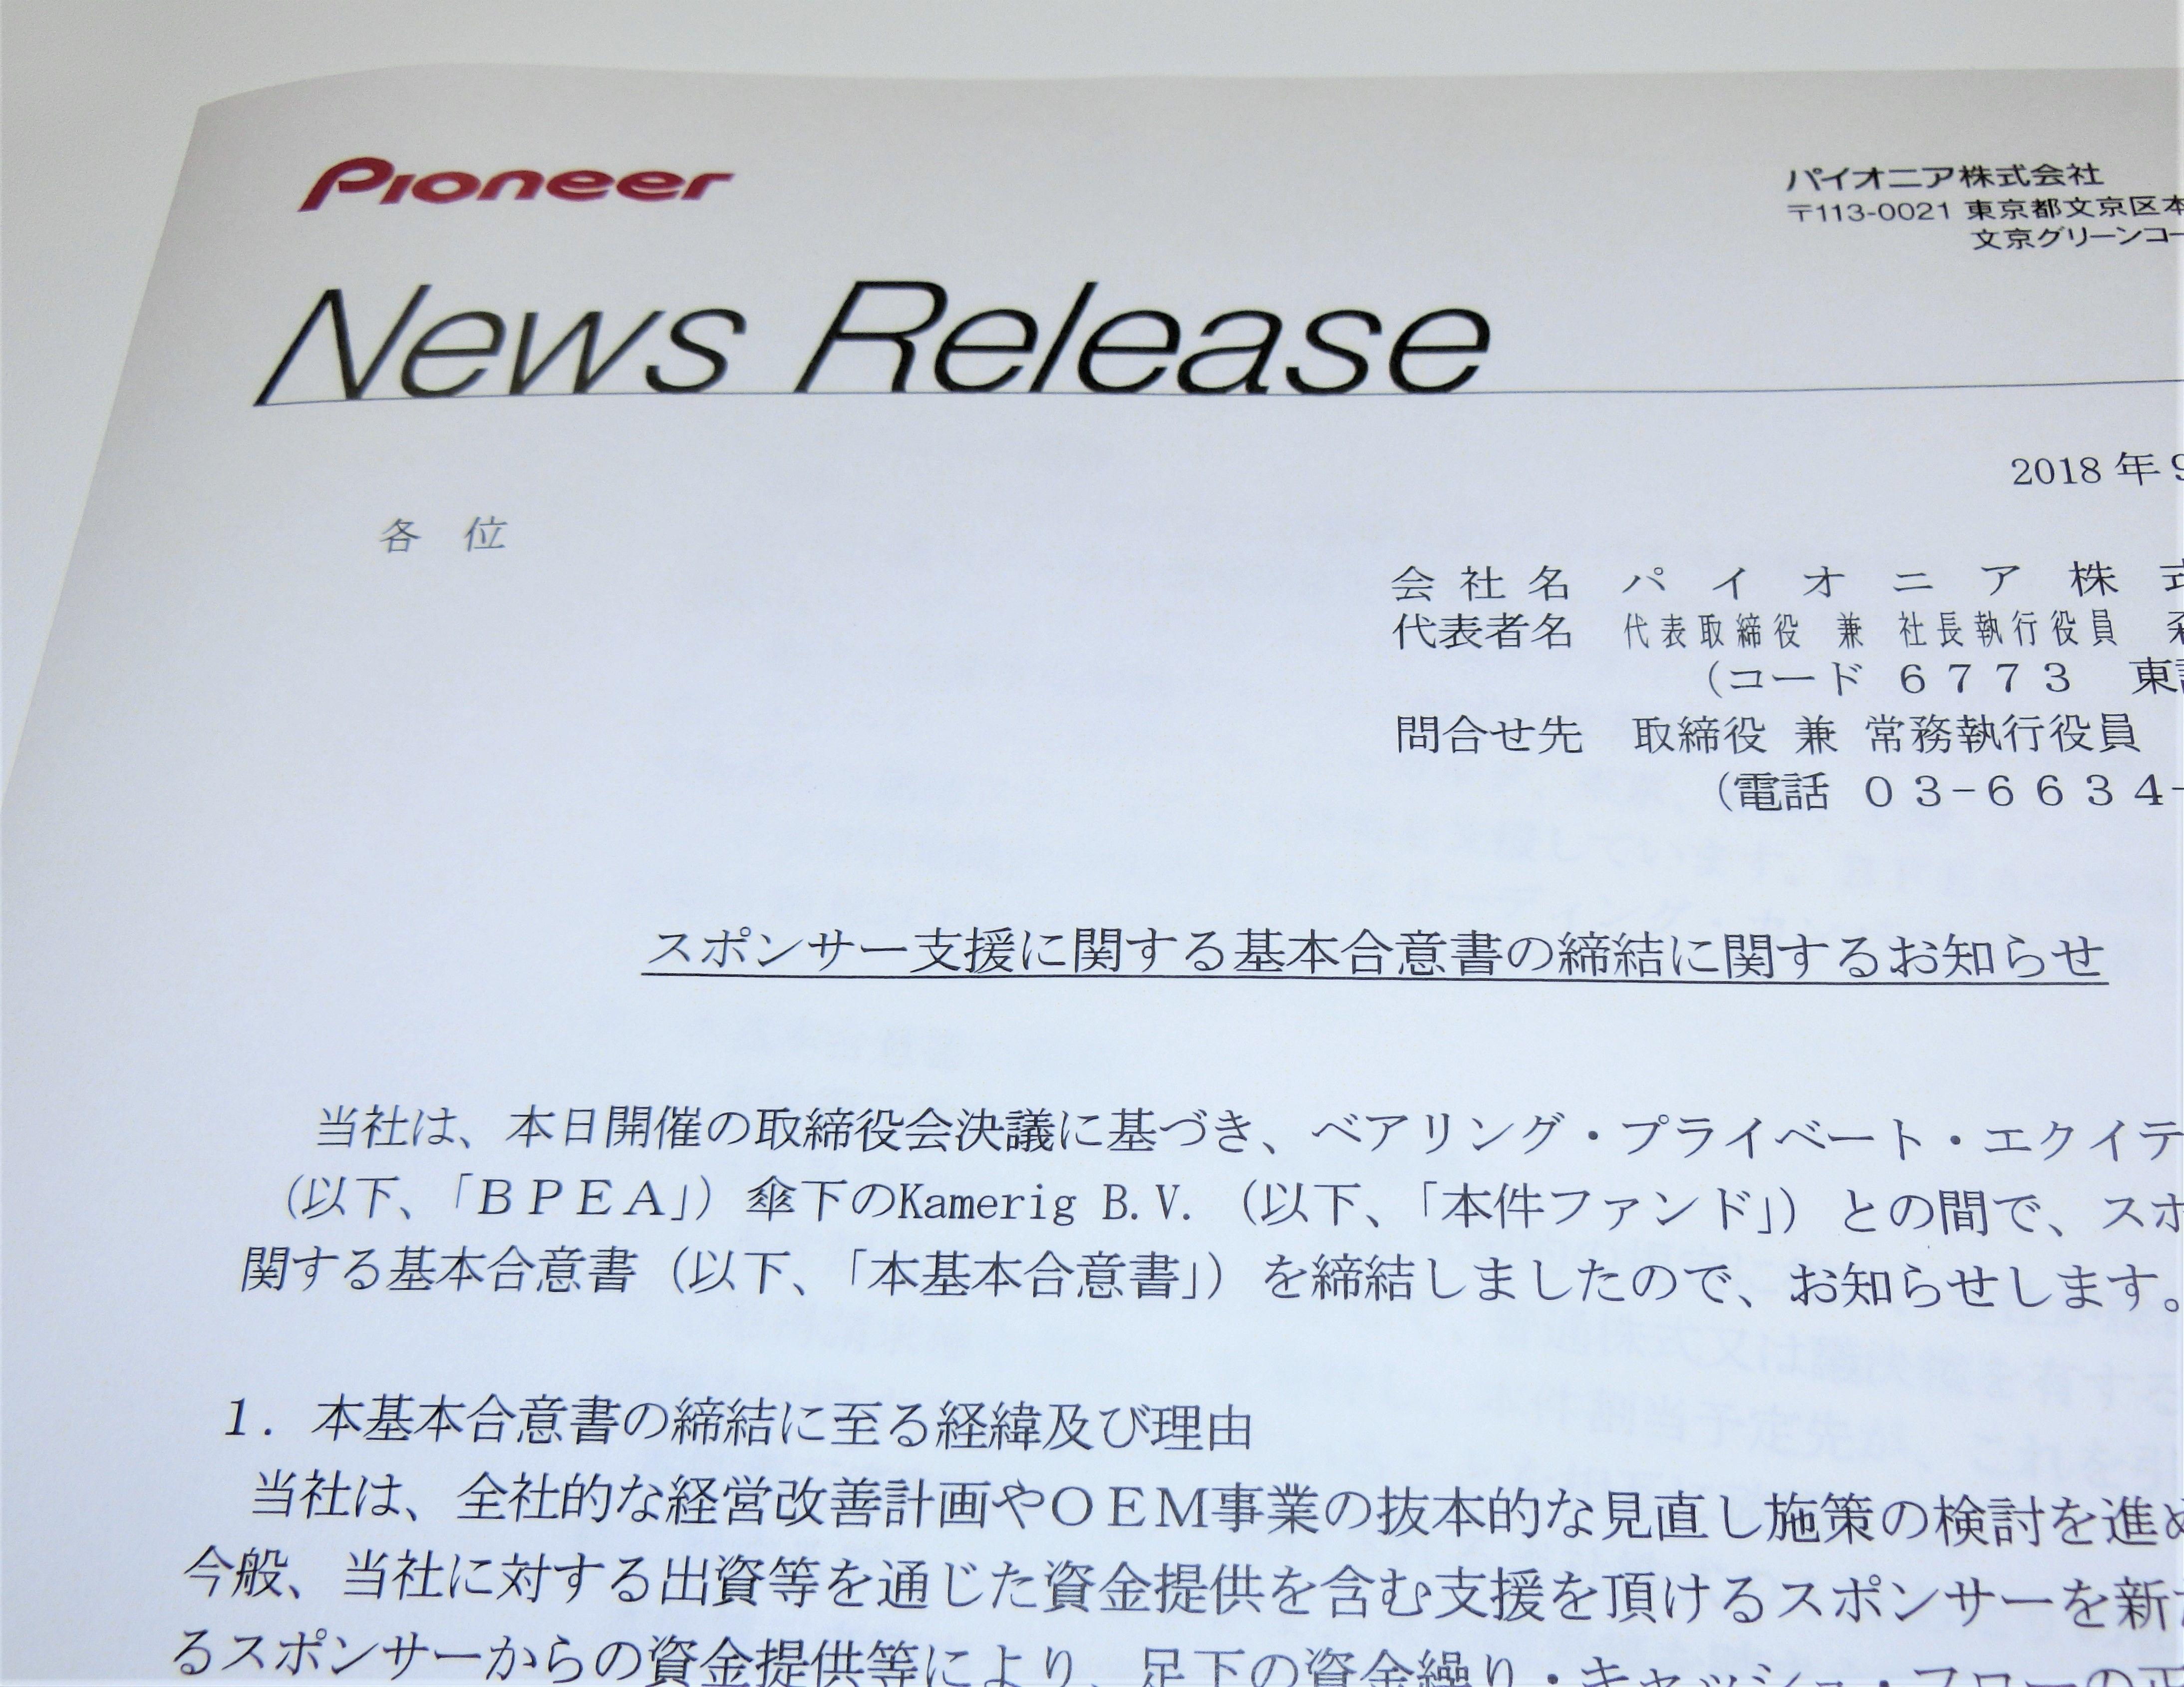 パイオニア、スポンサーとなる香港投資ファンドと破談の「過去」